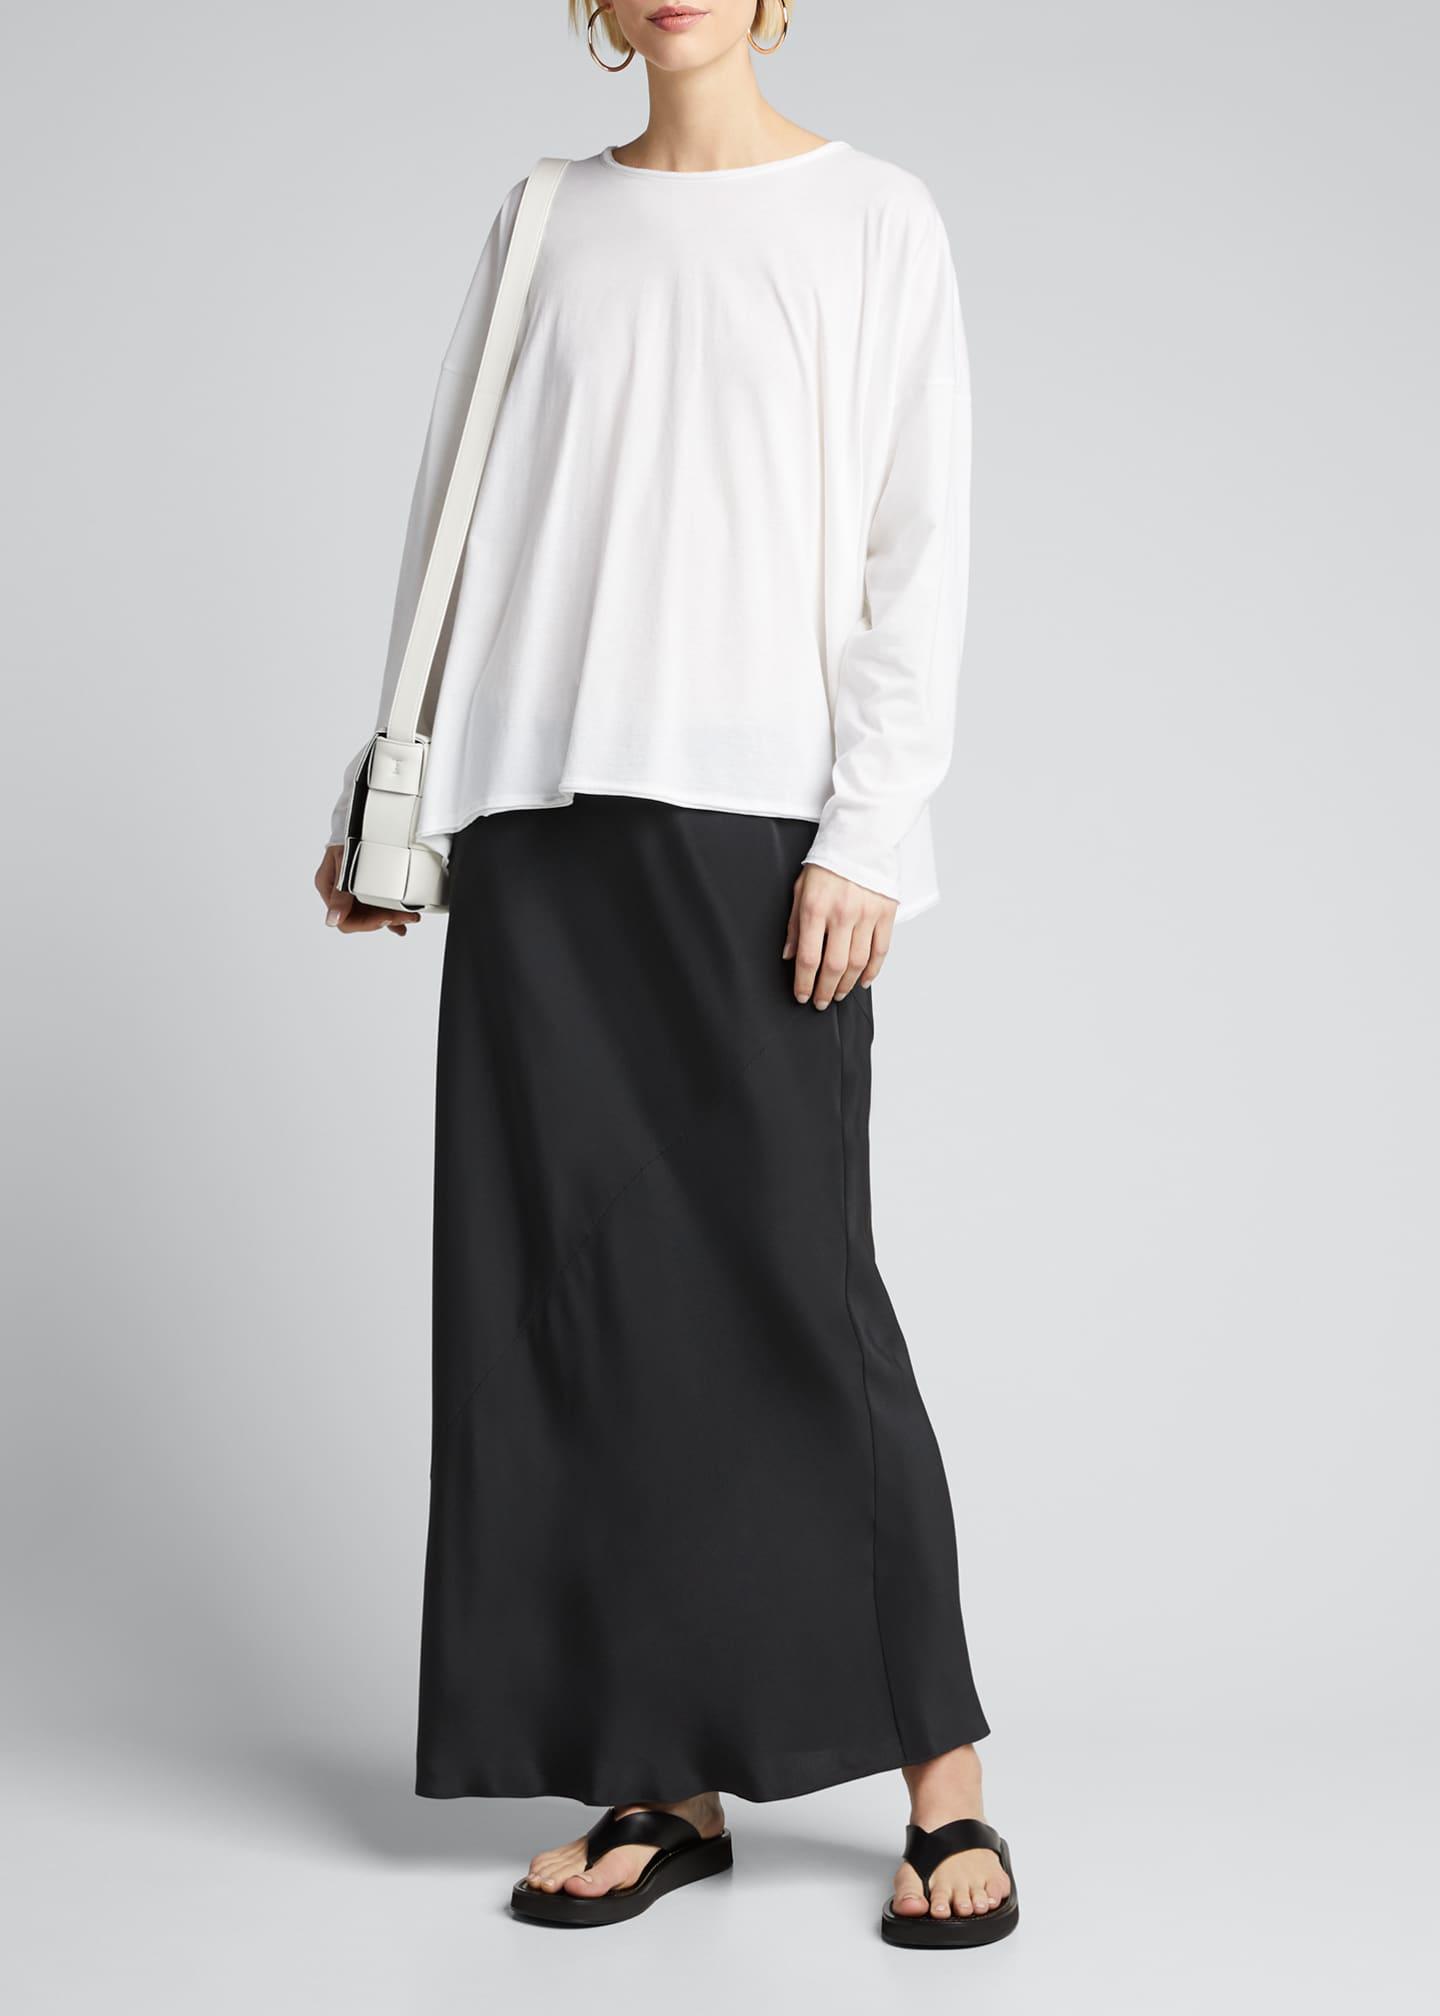 Eskandar Long-Sleeve Scoop-Neck Lightweight T-Shirt